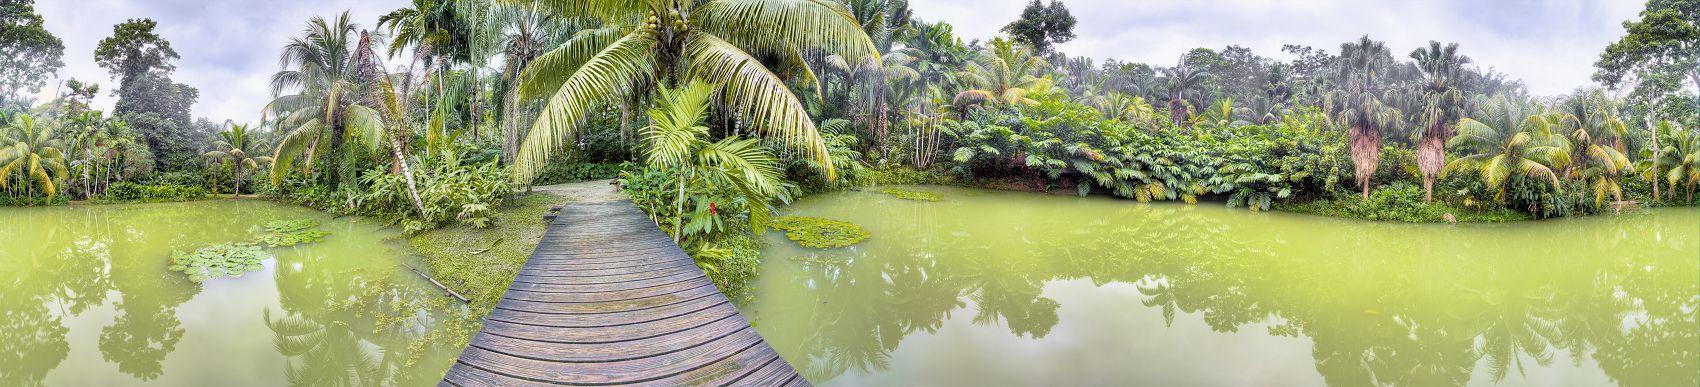 Тропики джунгли панорама